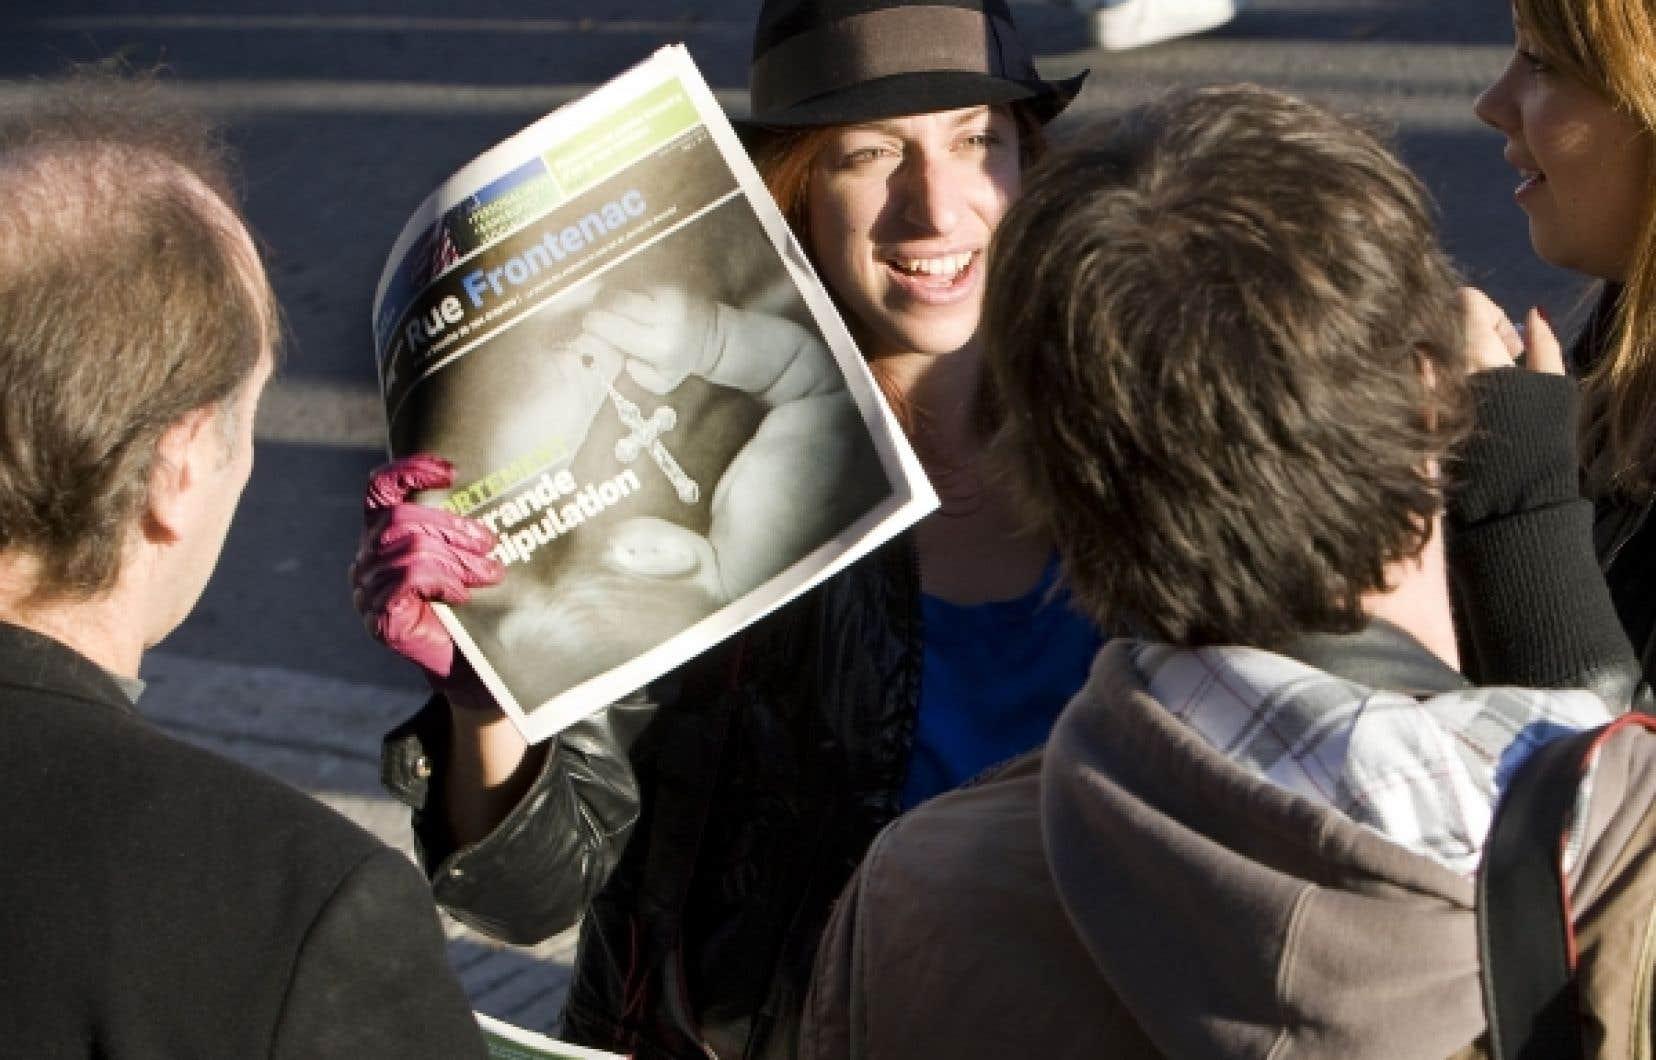 Un dérivé hebdomadaire de Rue Frontenac en papier lancé en 2010 a cessé deparaître le 28 avril dernier.